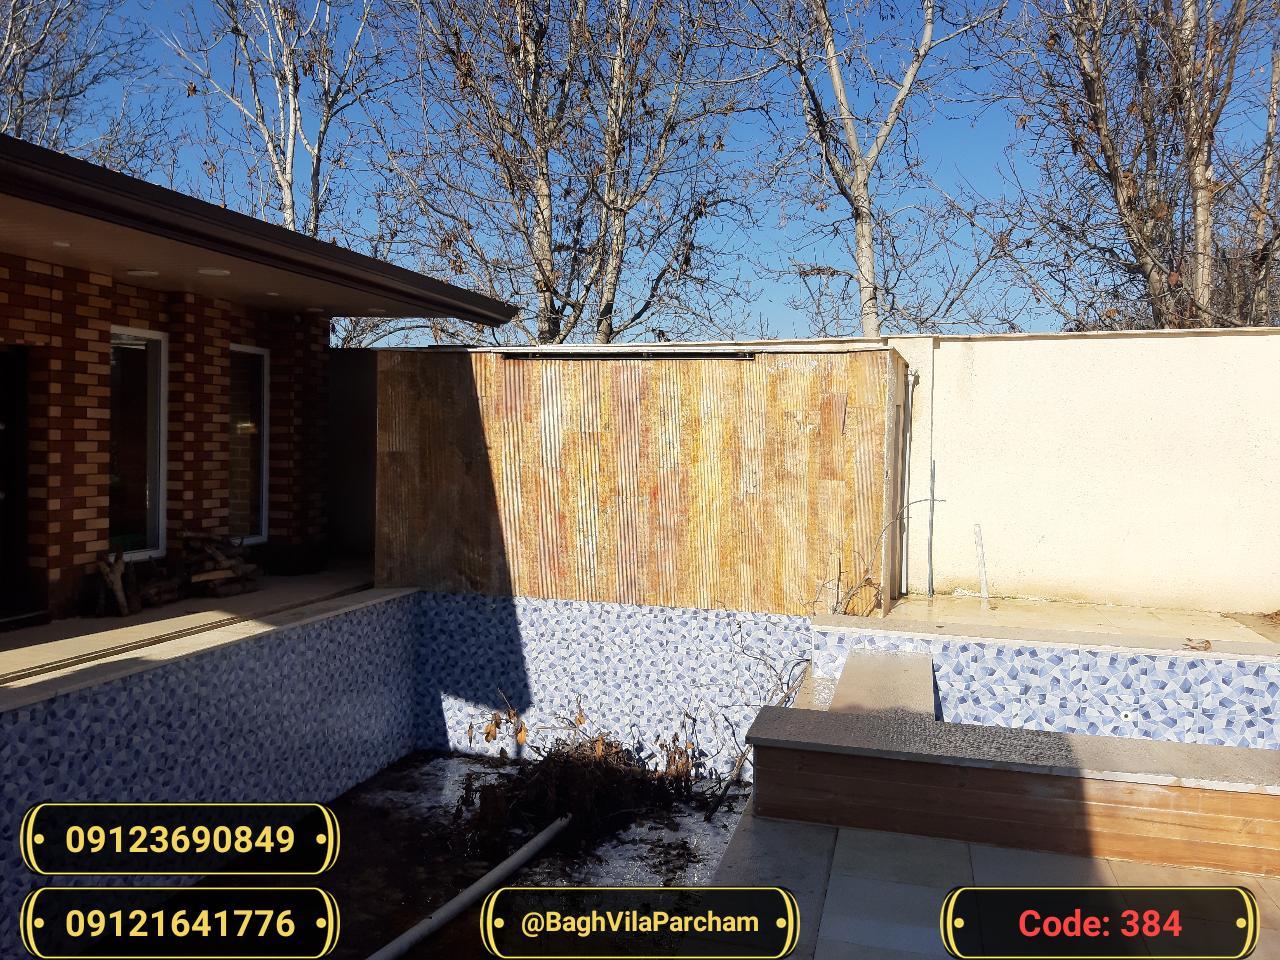 تصویر عکس باغ ویلا شماره 11 از ویلای ۶۰۰ متر ویلا Picture photo image 11 of ۶۰۰ متر ویلا